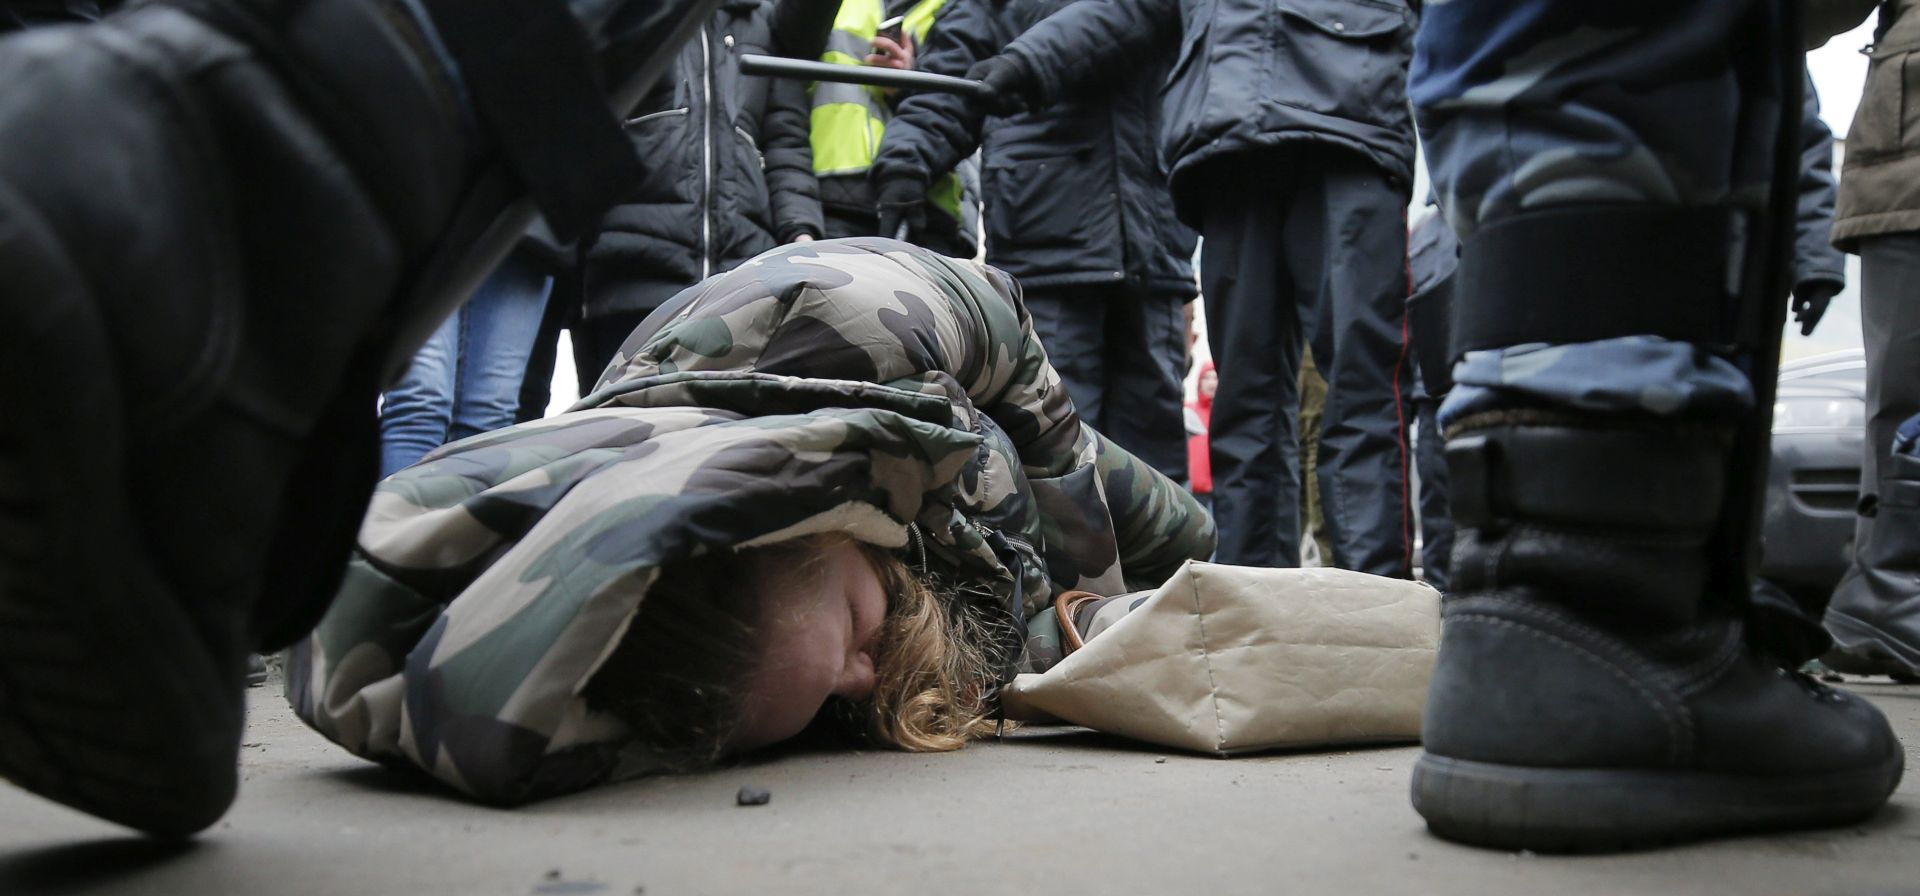 RUSKI MARŠ Deseci uhićenih na nacionalističkom skupu u Moskvi